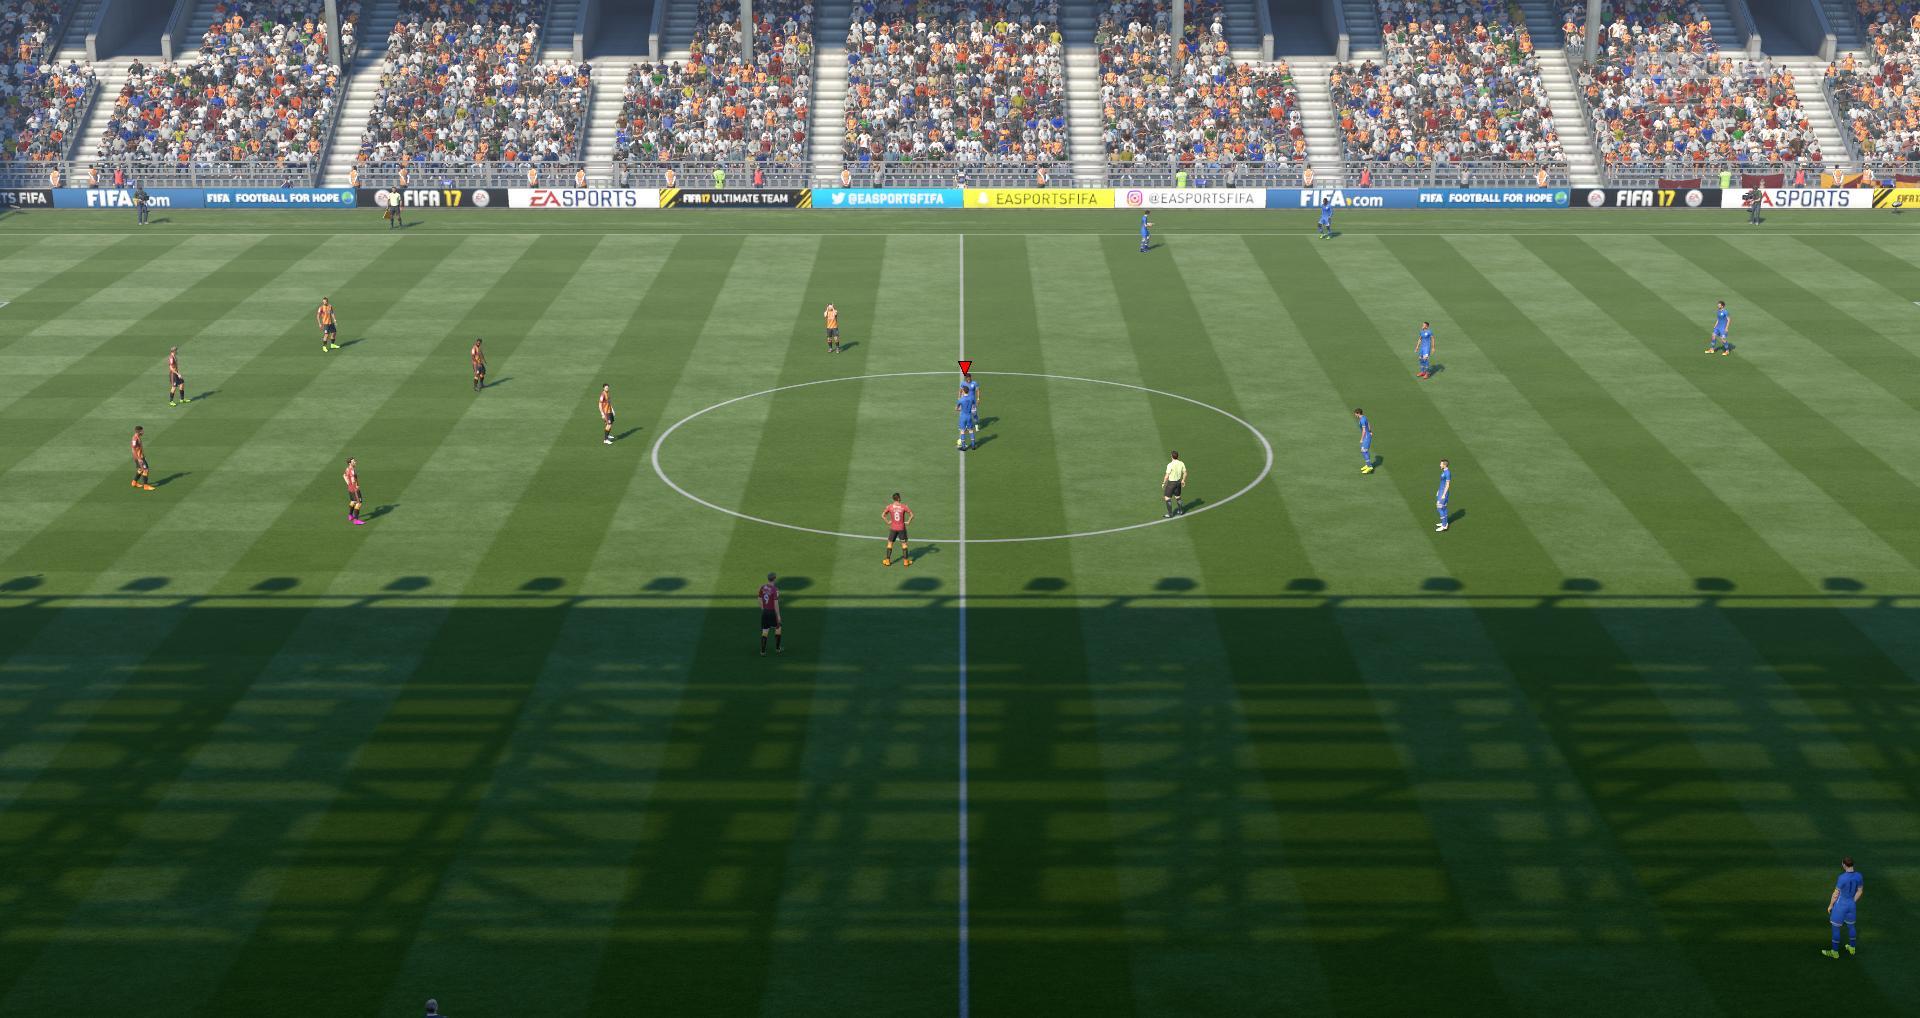 FIFA17 2017-07-02 17-11-11-00